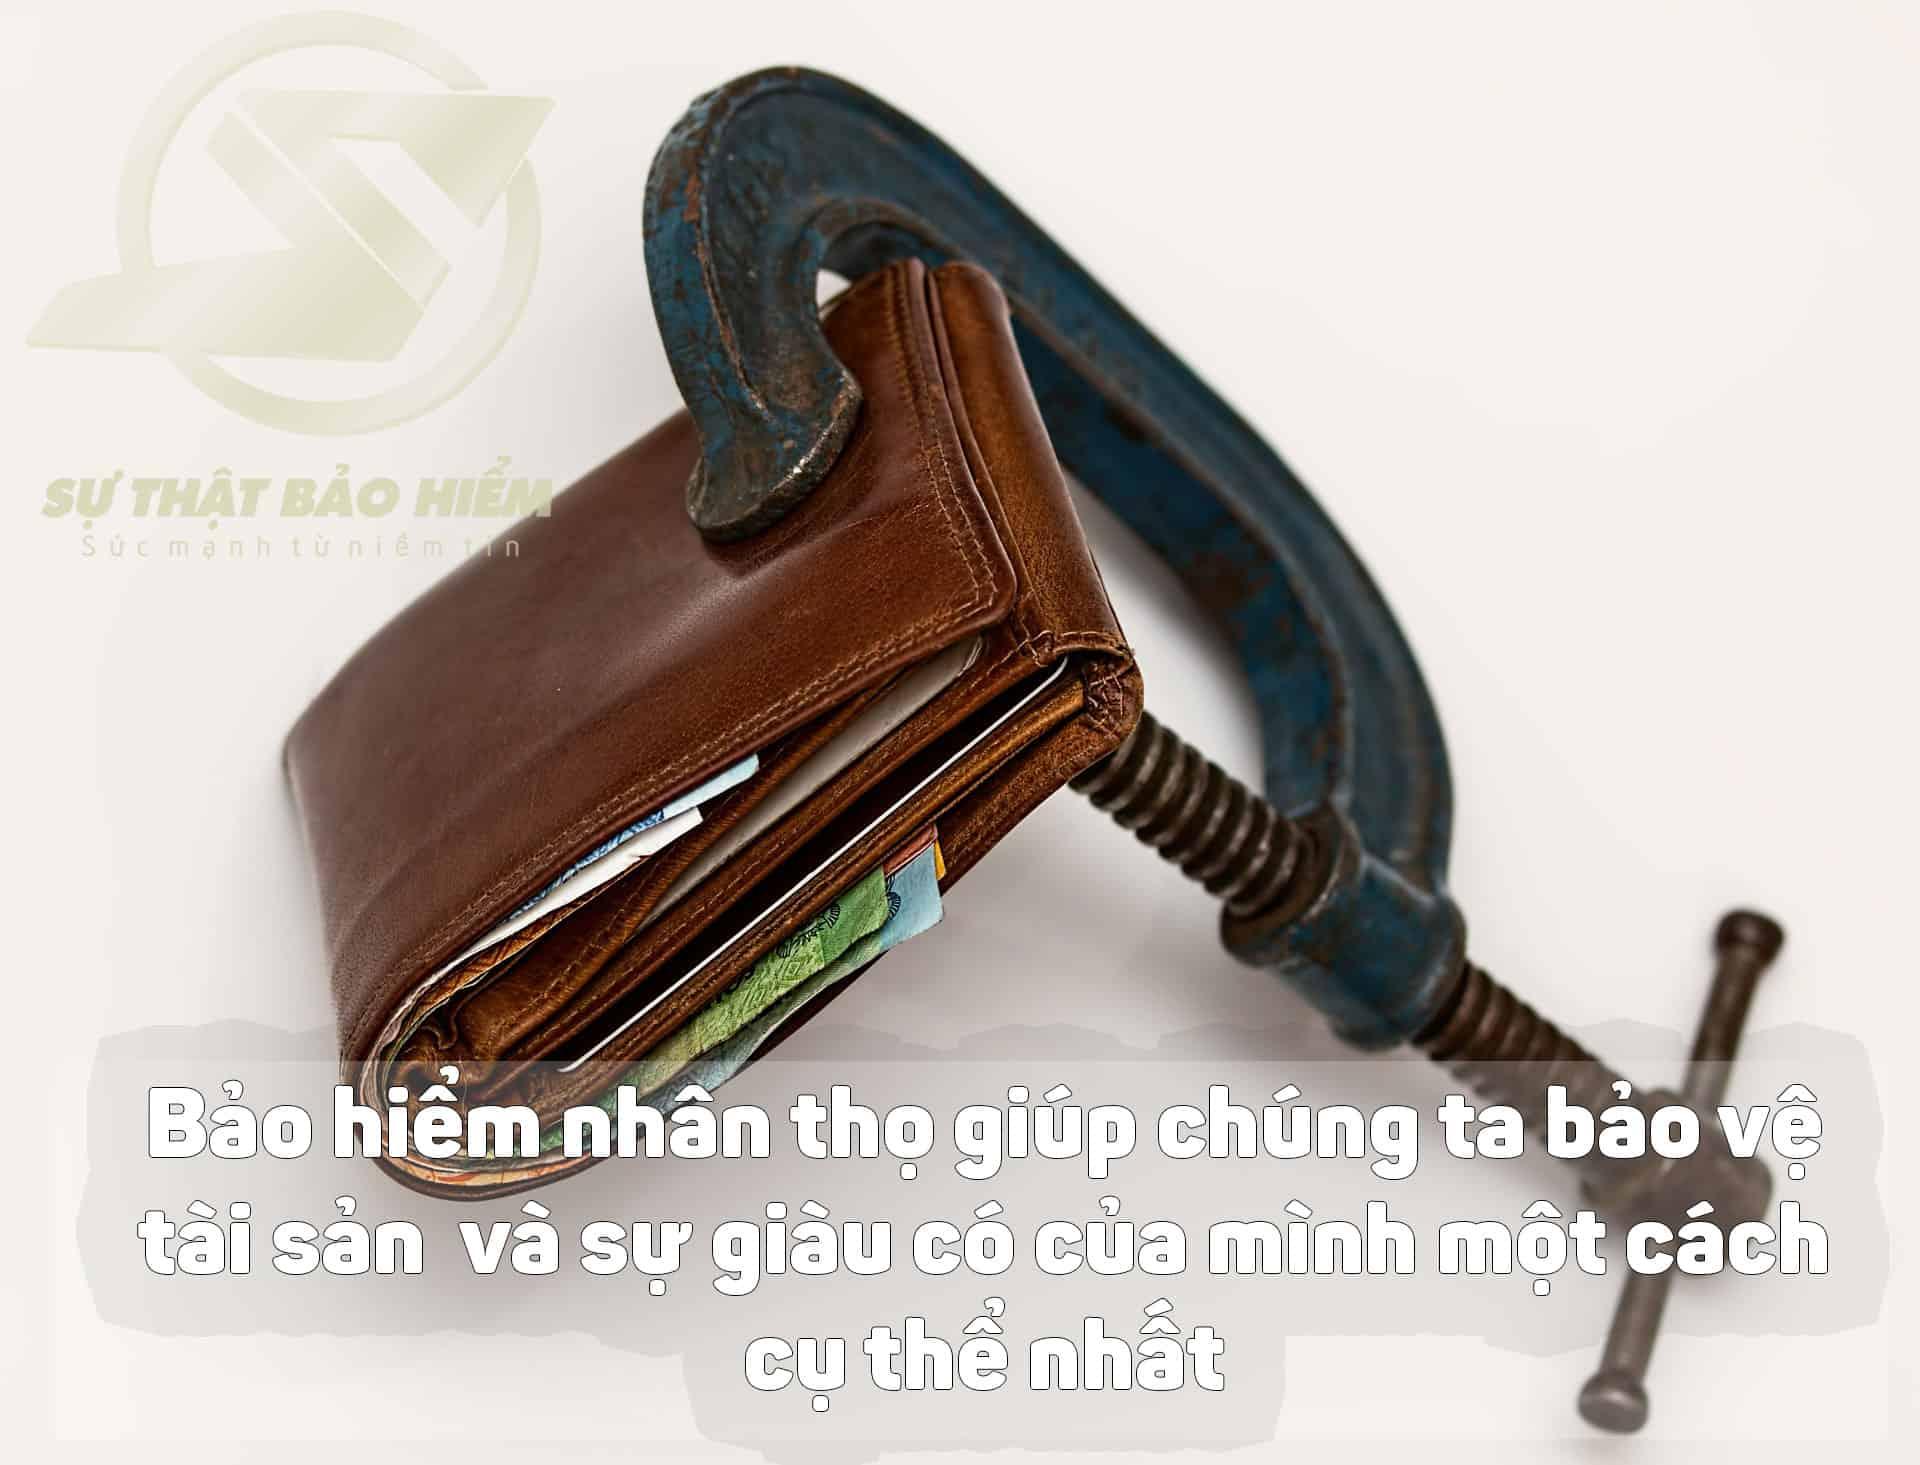 Bảo hiểm nhân thọ giúp chúng ta bảo vệ tài sản và sự giày có của mình một cách cụ thể nhất.